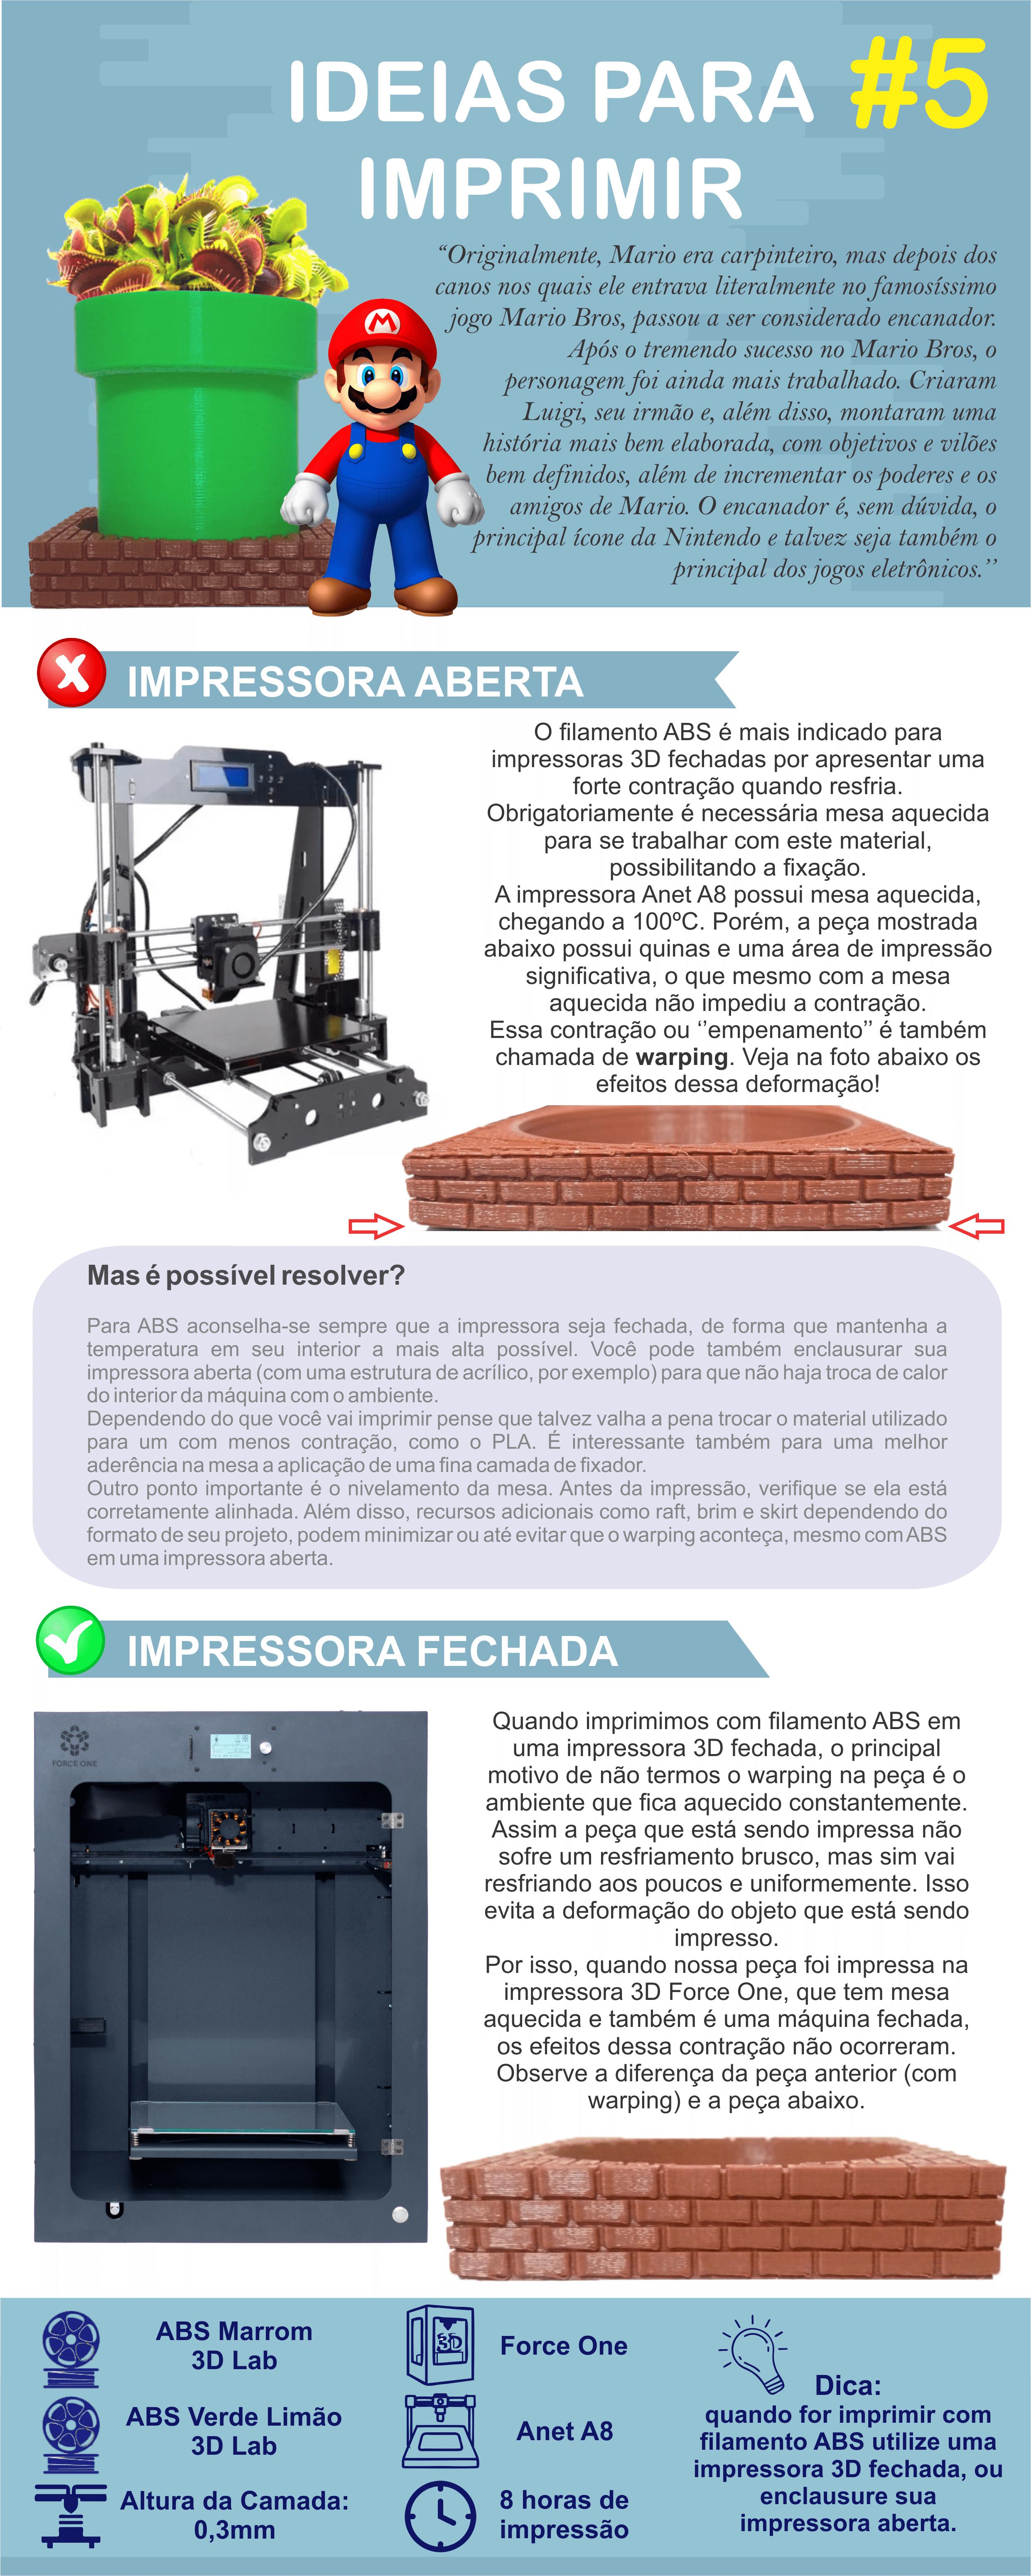 Ideias para imprimir – Capítulo 5